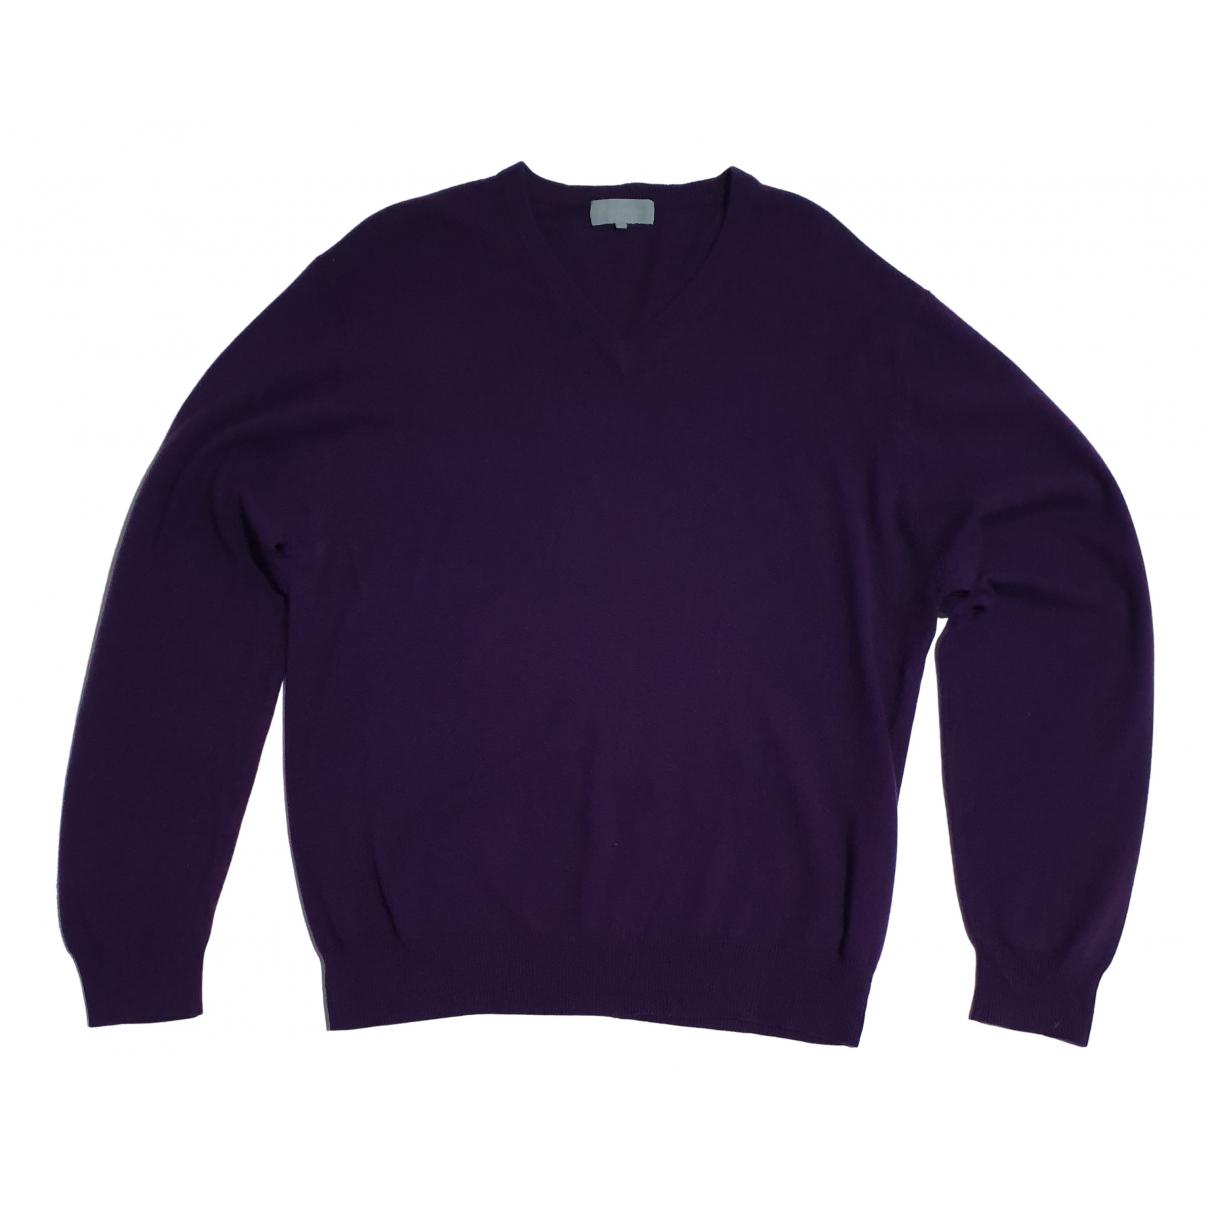 Lawrence Grey \N Pullover.Westen.Sweatshirts  in  Lila Kaschmir